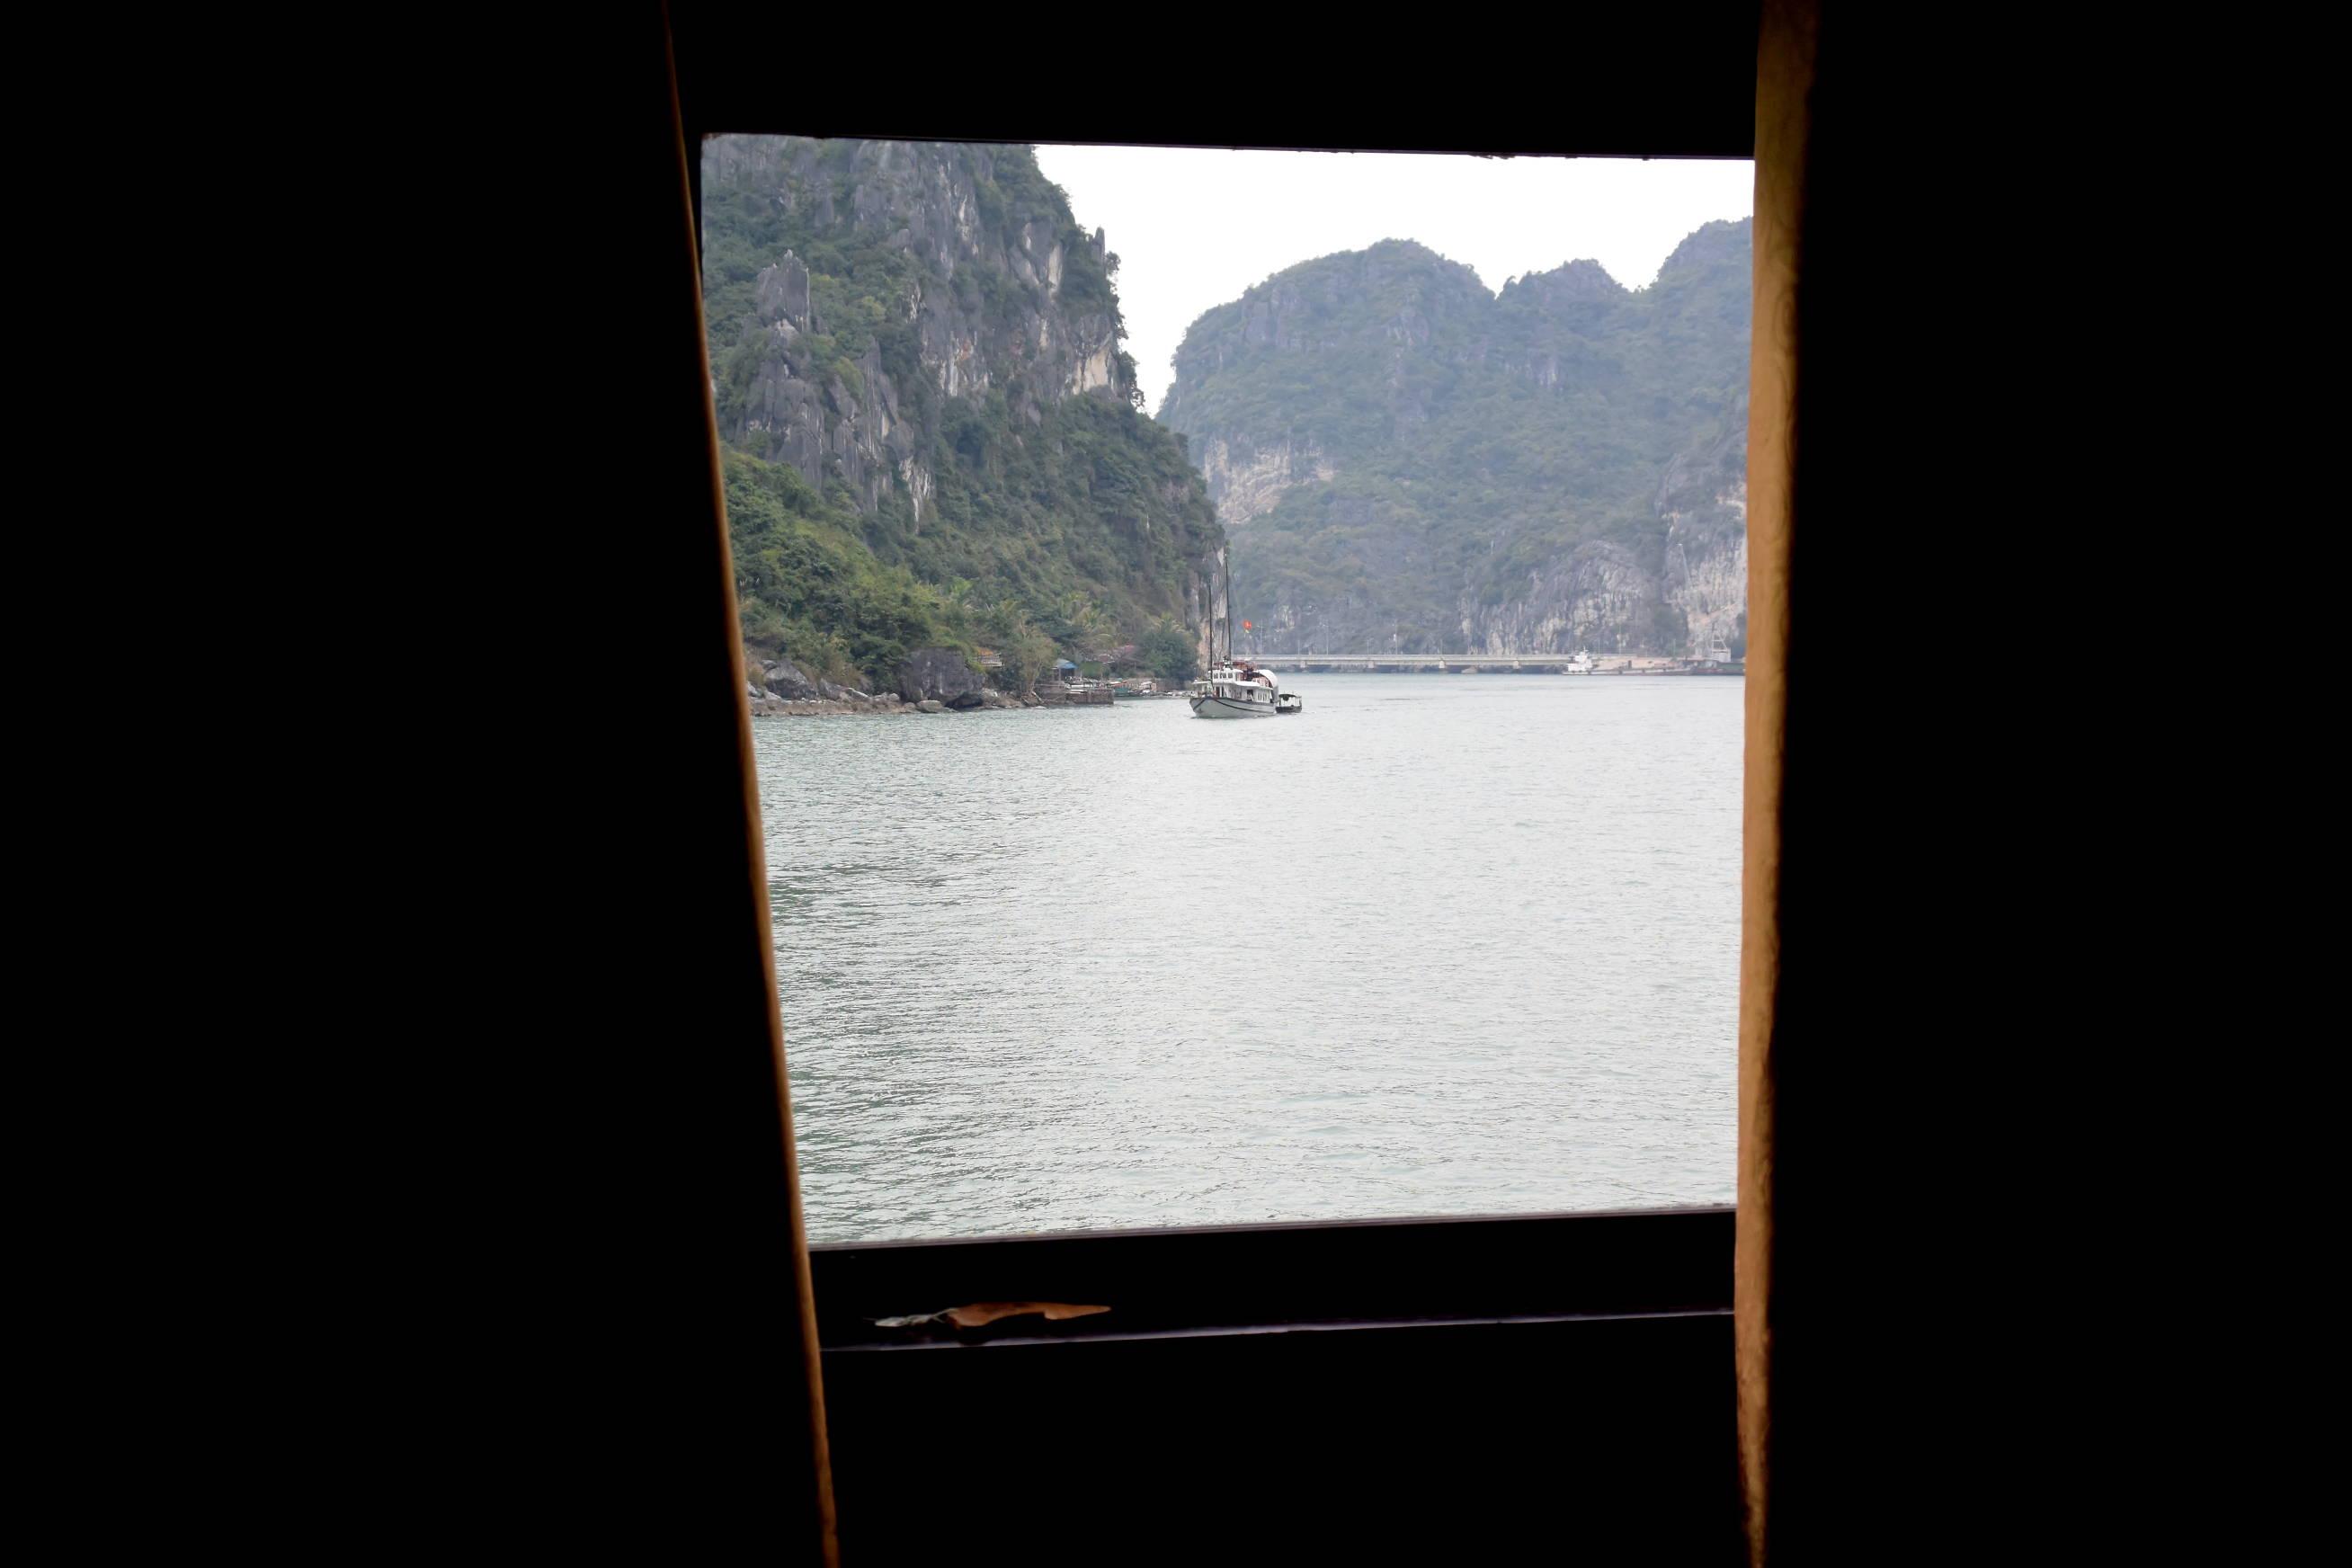 Cabine croisière baie d'Halong 2